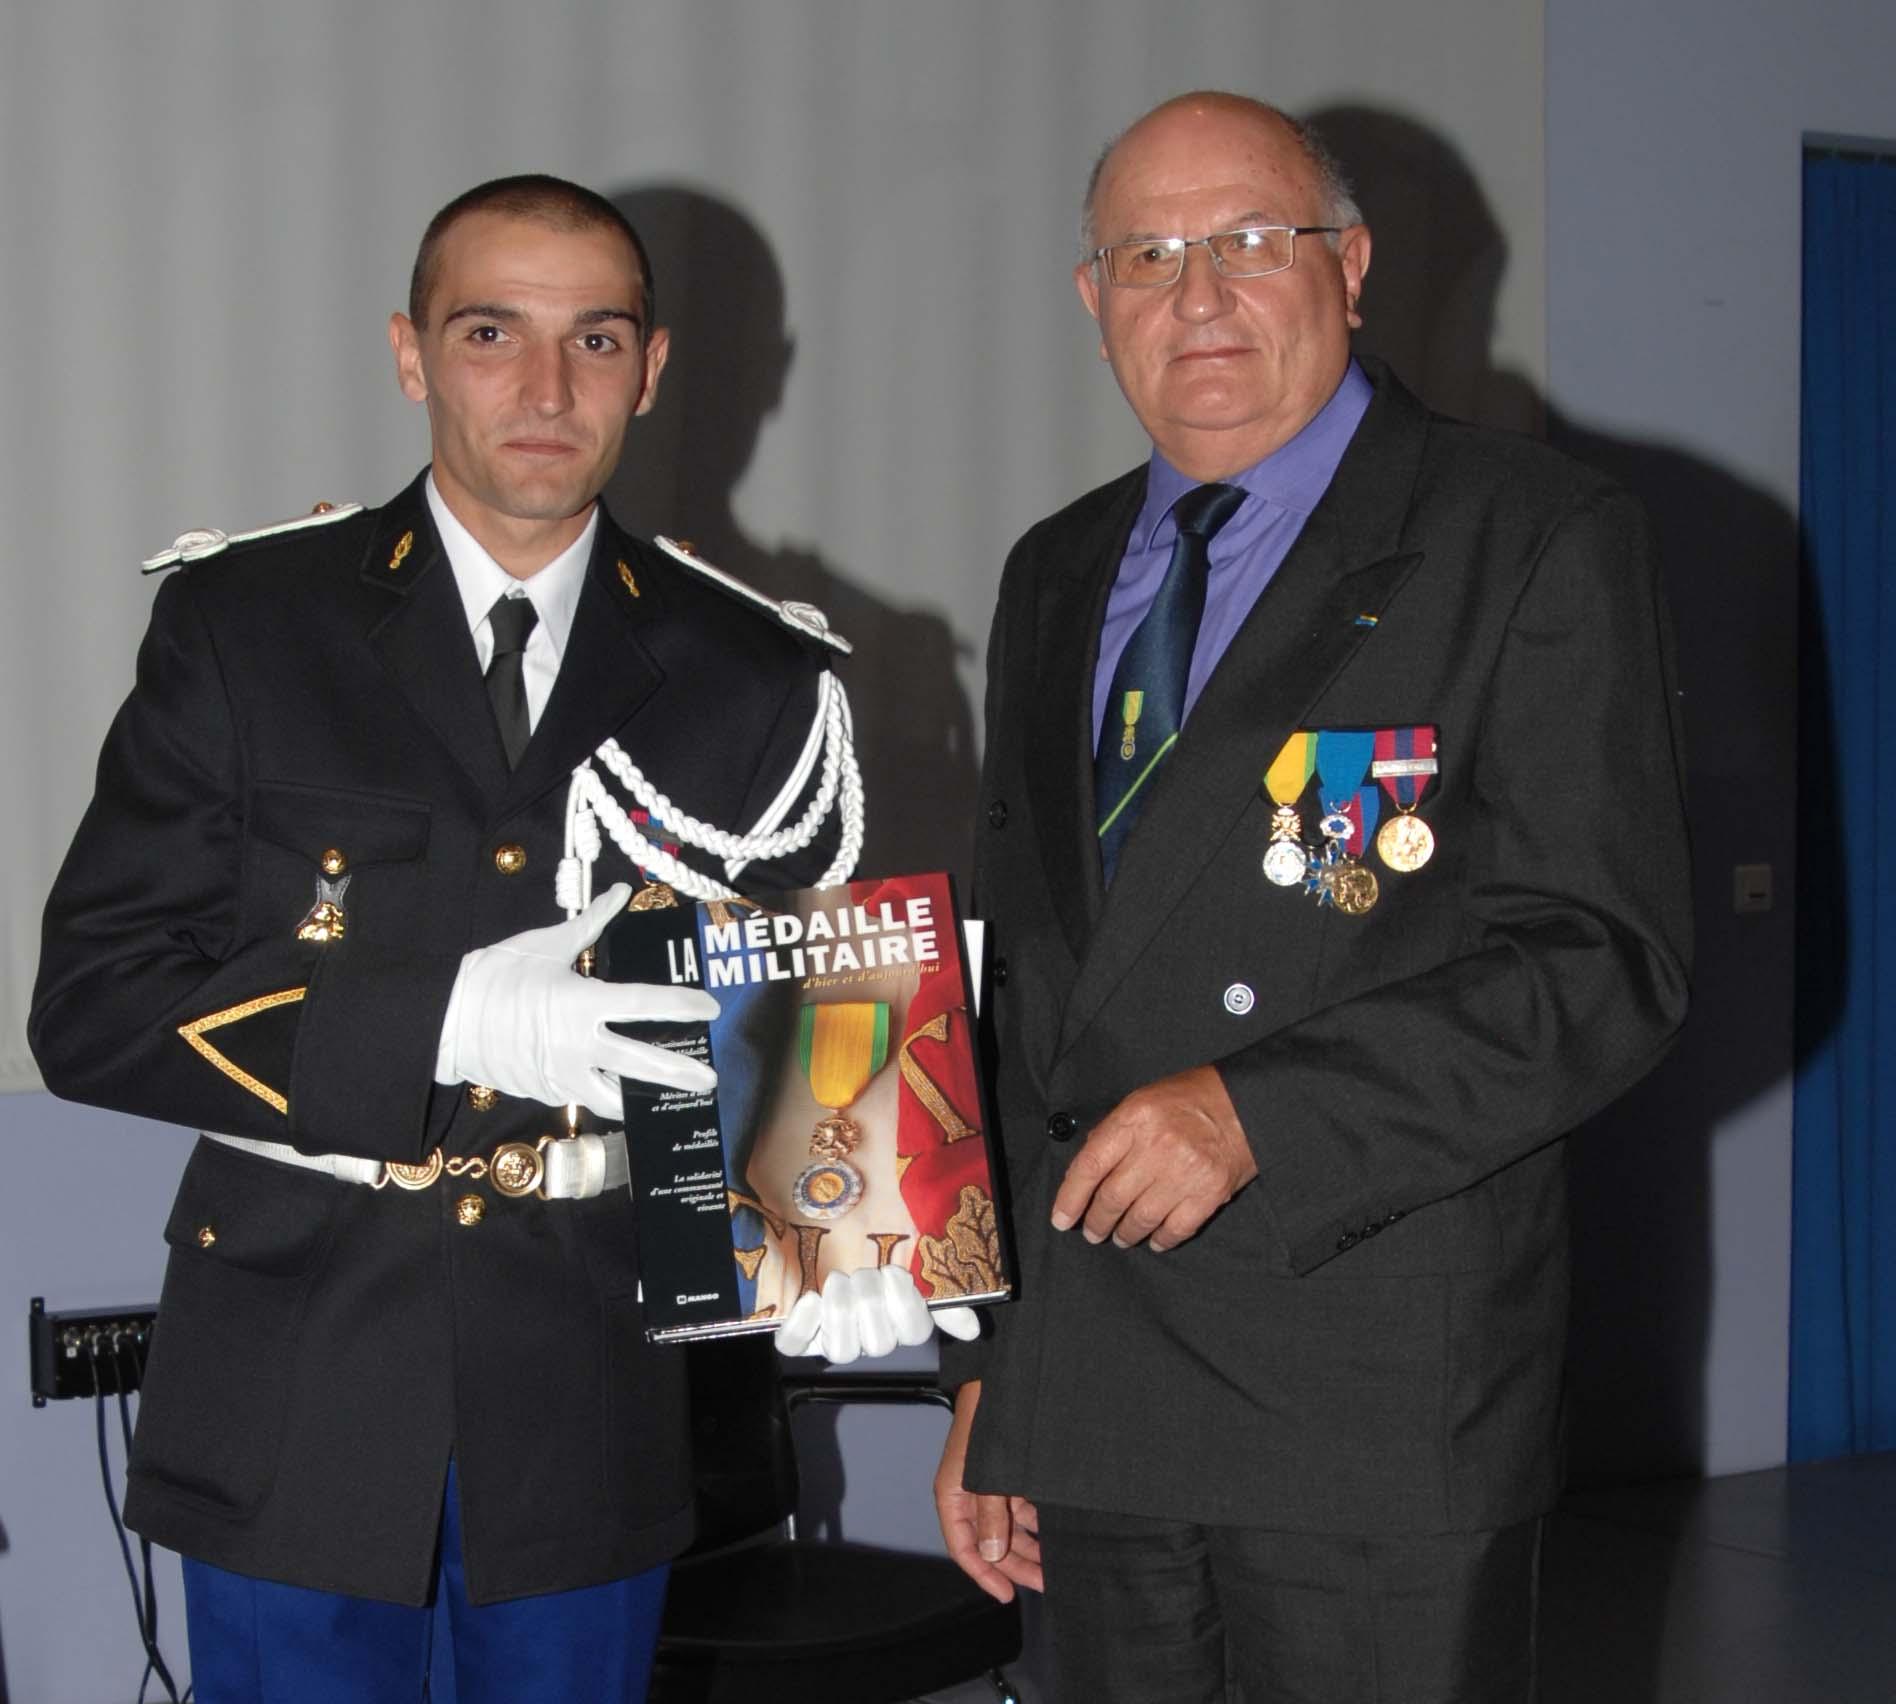 2014_08_22_Bapteme de promo gendarmerie 2